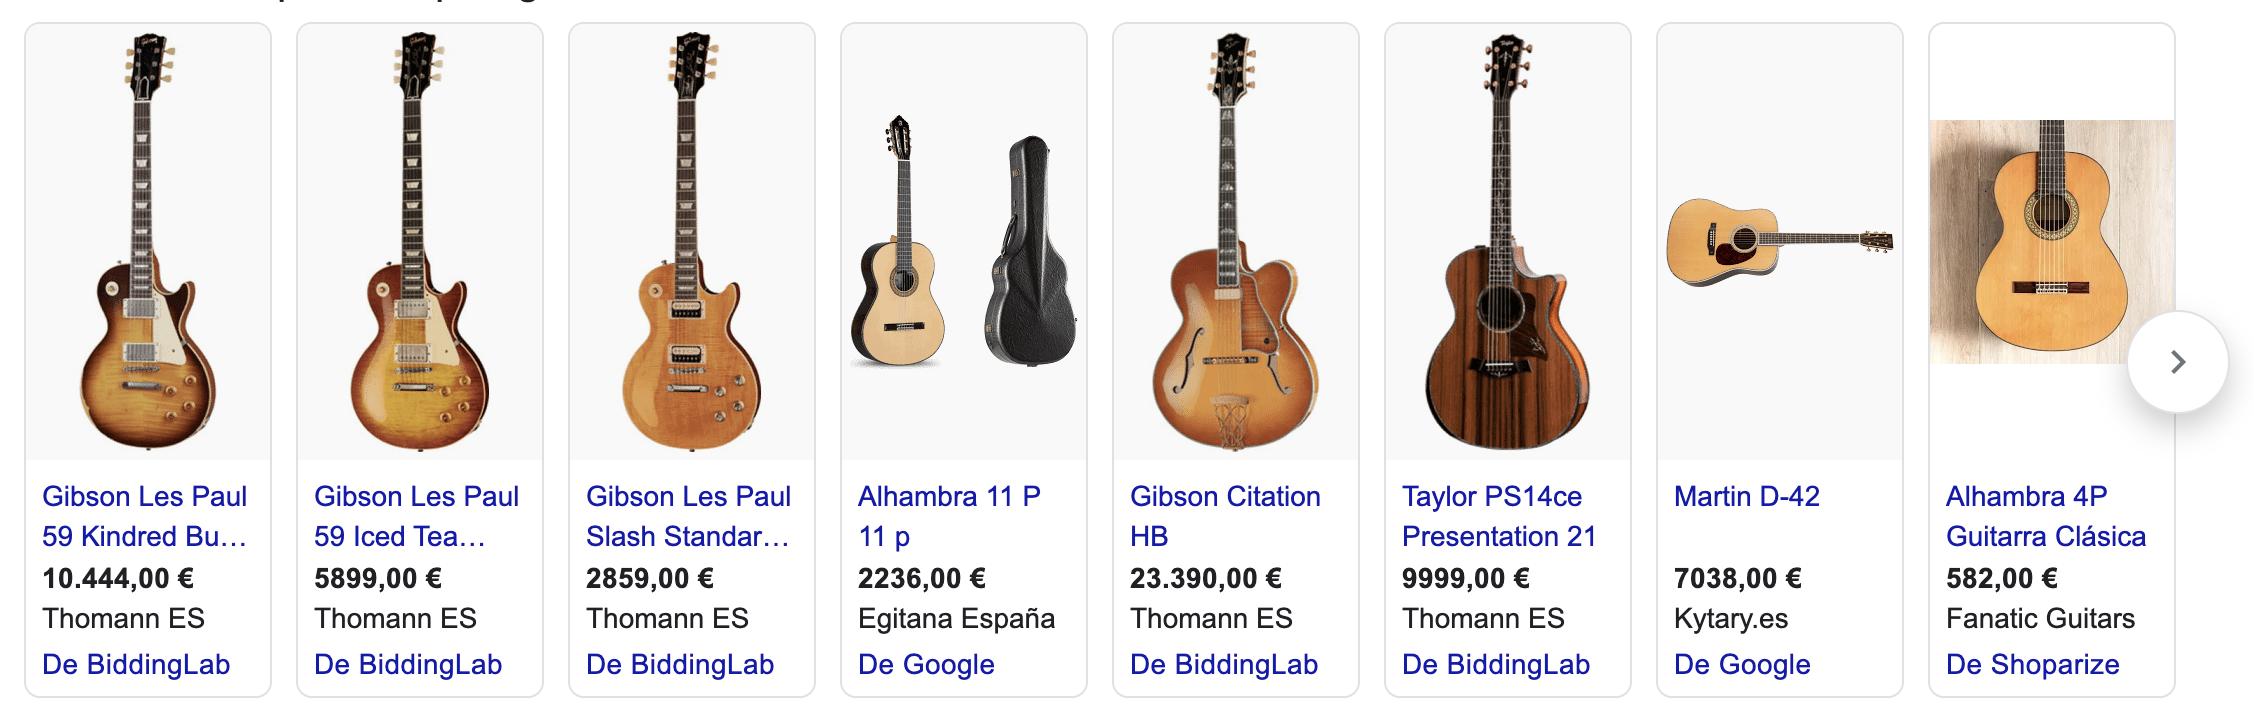 guitarra cara